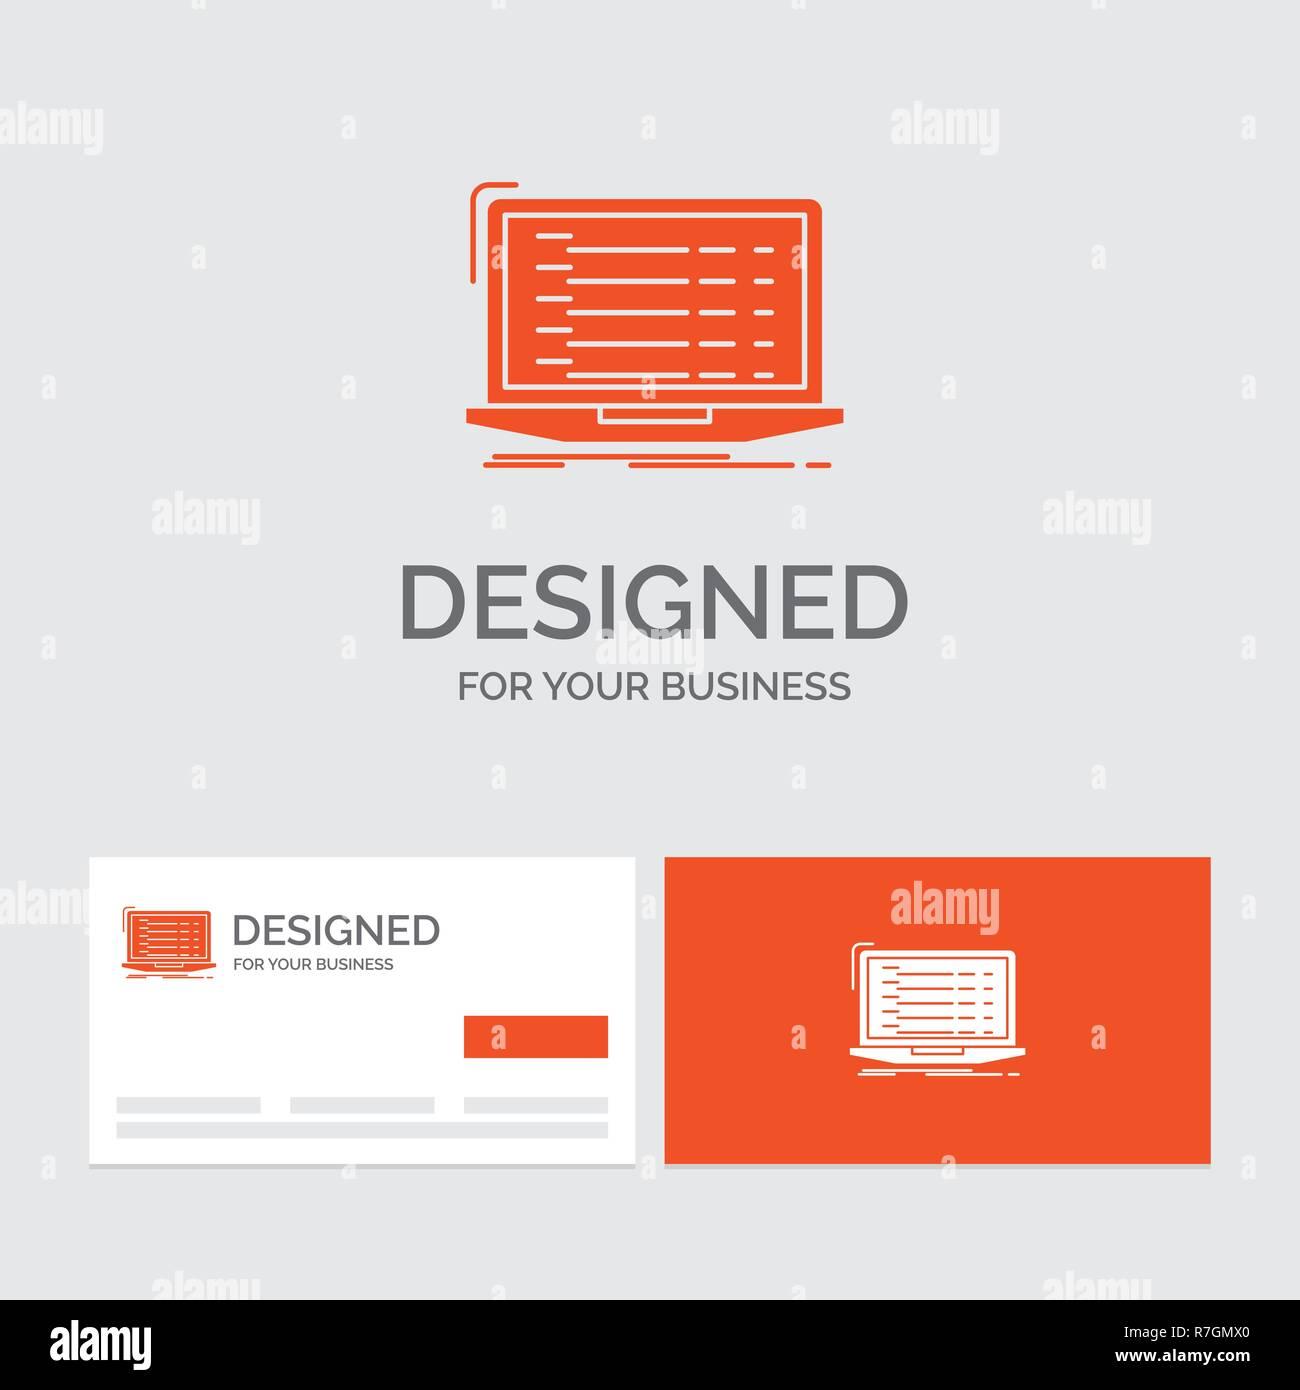 Logo Dentreprise Modele Pour Api Application Codage Developpeur Ordinateur Portable Cartes De Visite Orange Avec Marque